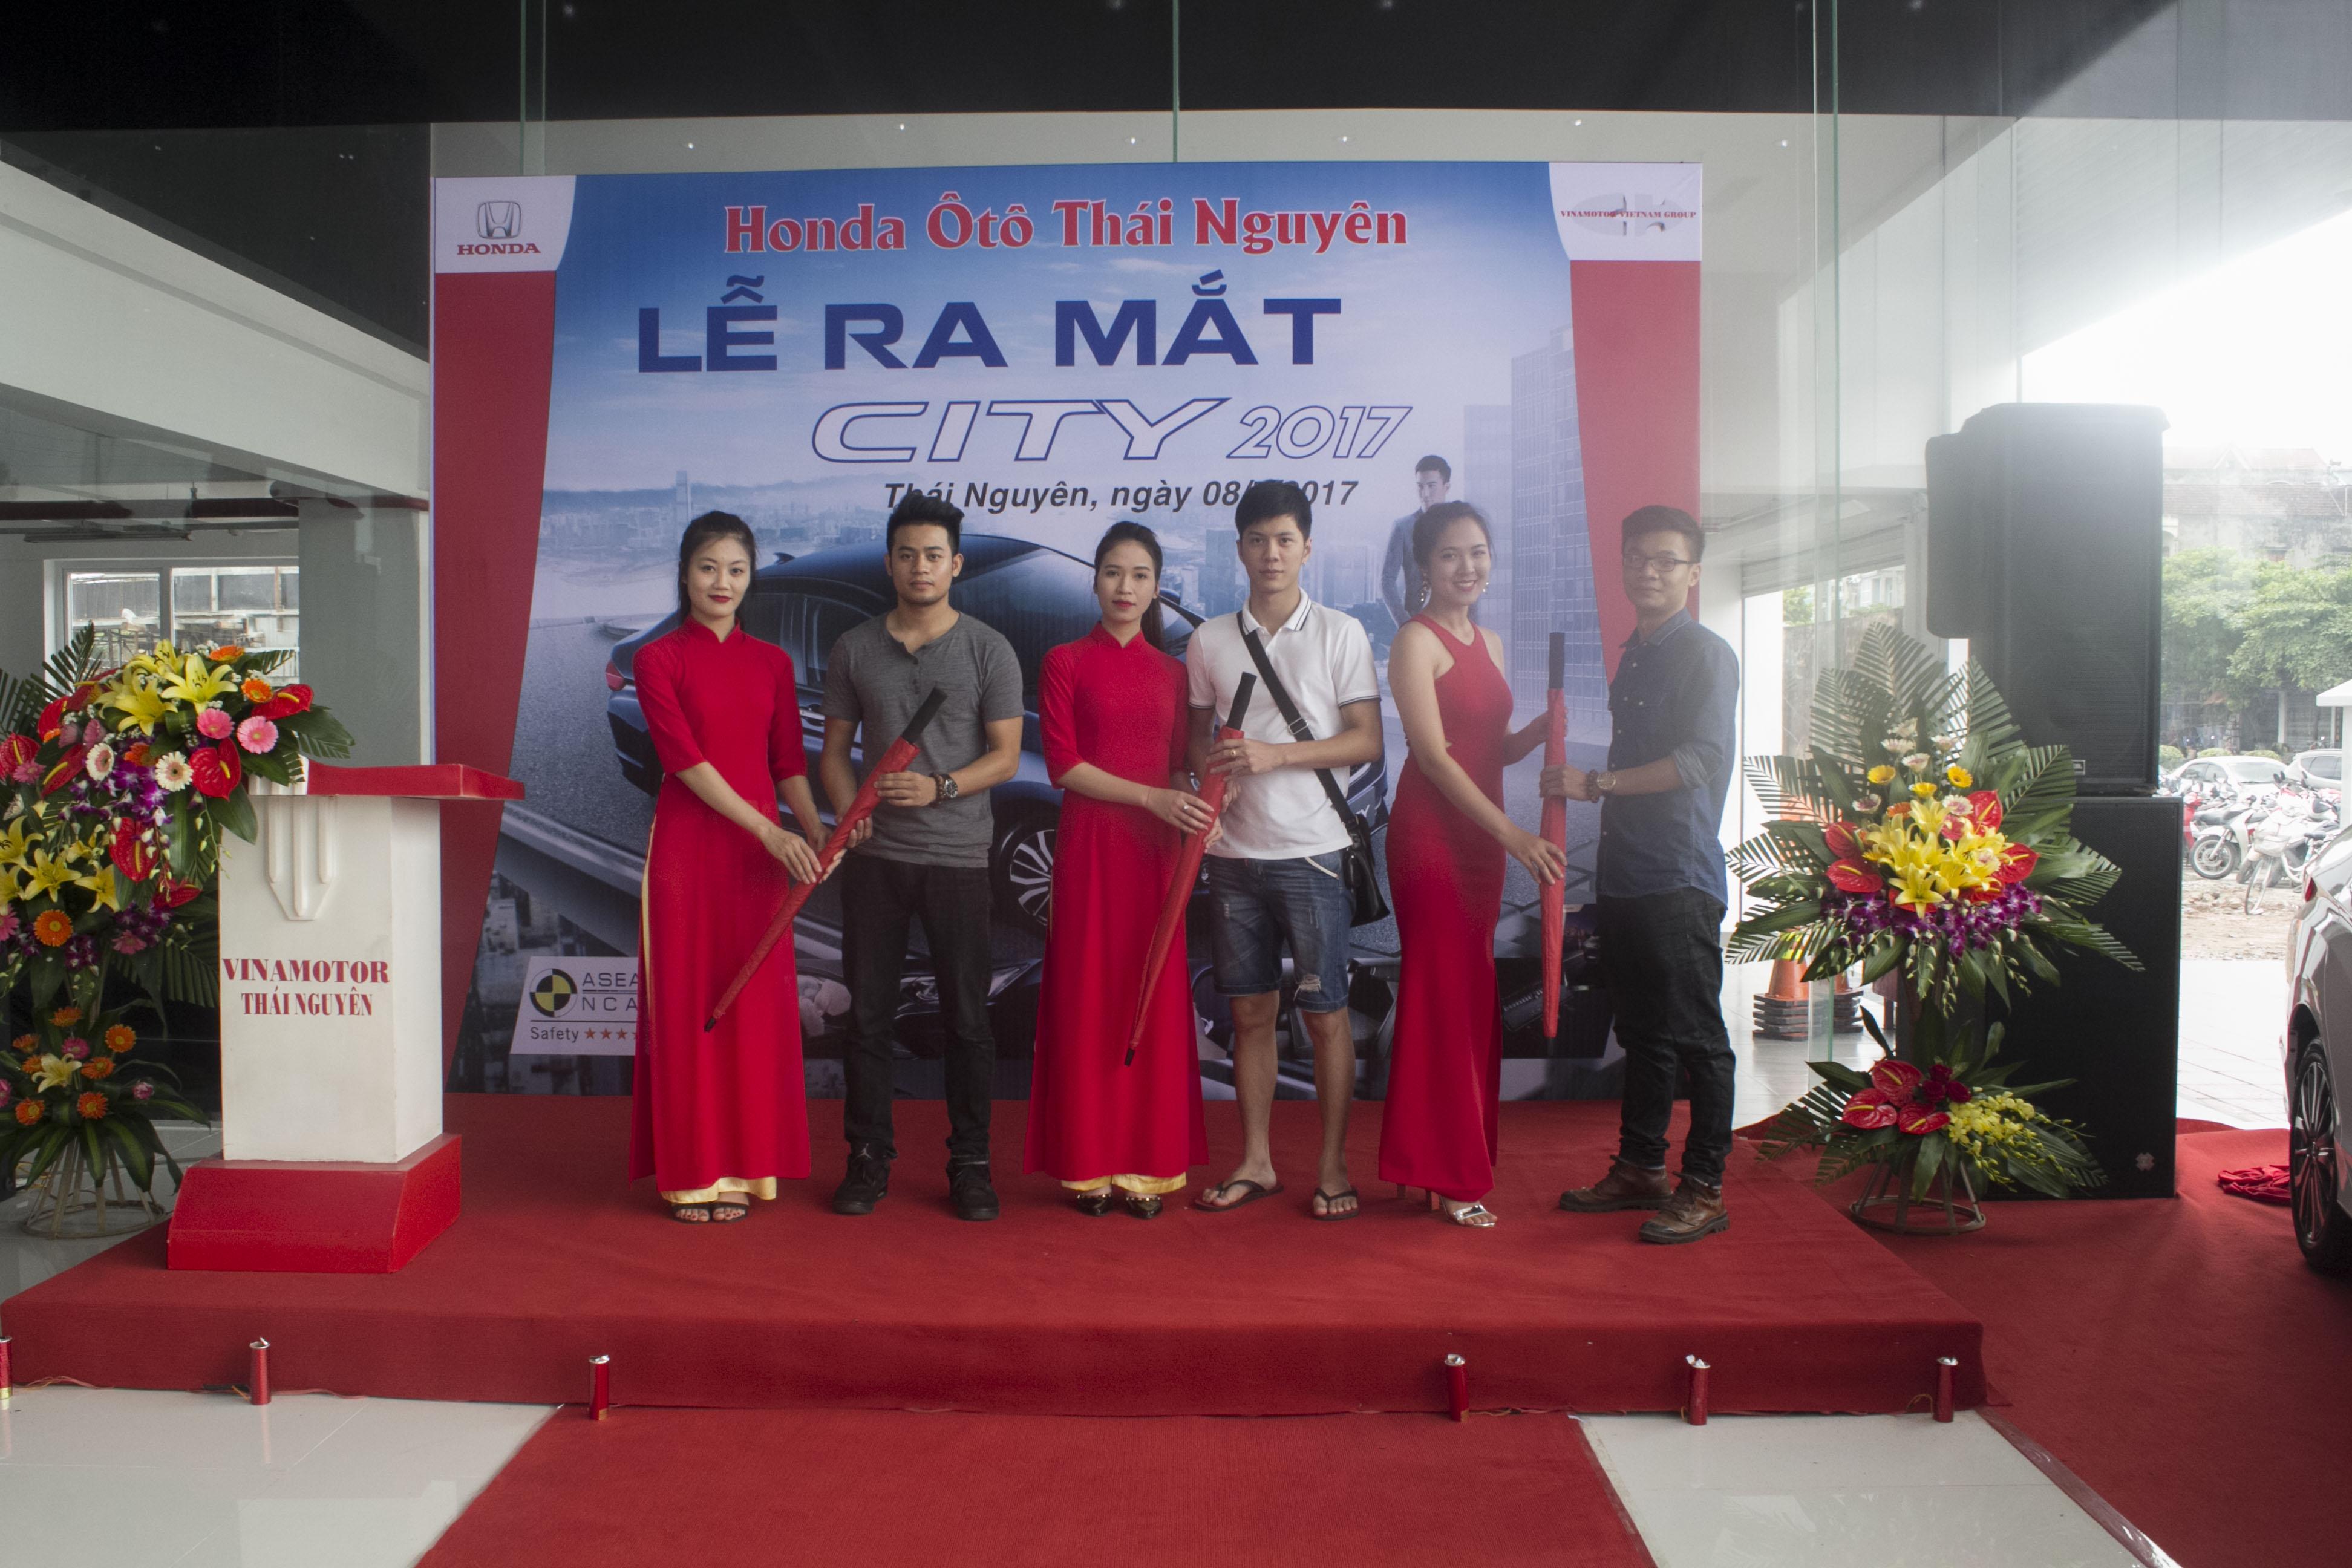 lễ ra mắt Honda City 2017 - Honda Ôtô Thái Nguyên